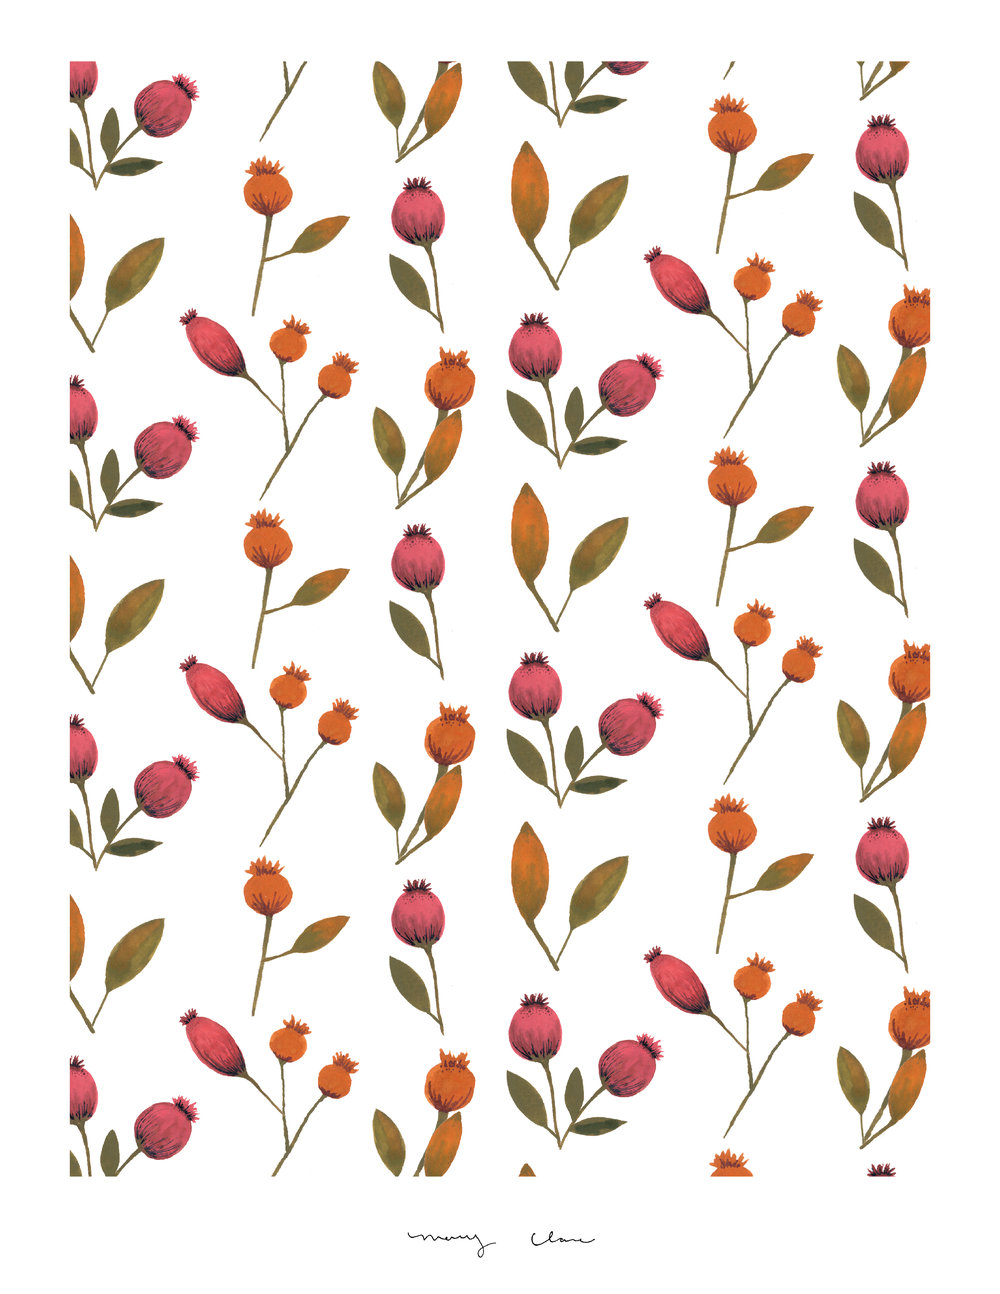 orangeflowers-painted-abstracts-maryclarewilkie-03-02-01-01-01.jpg